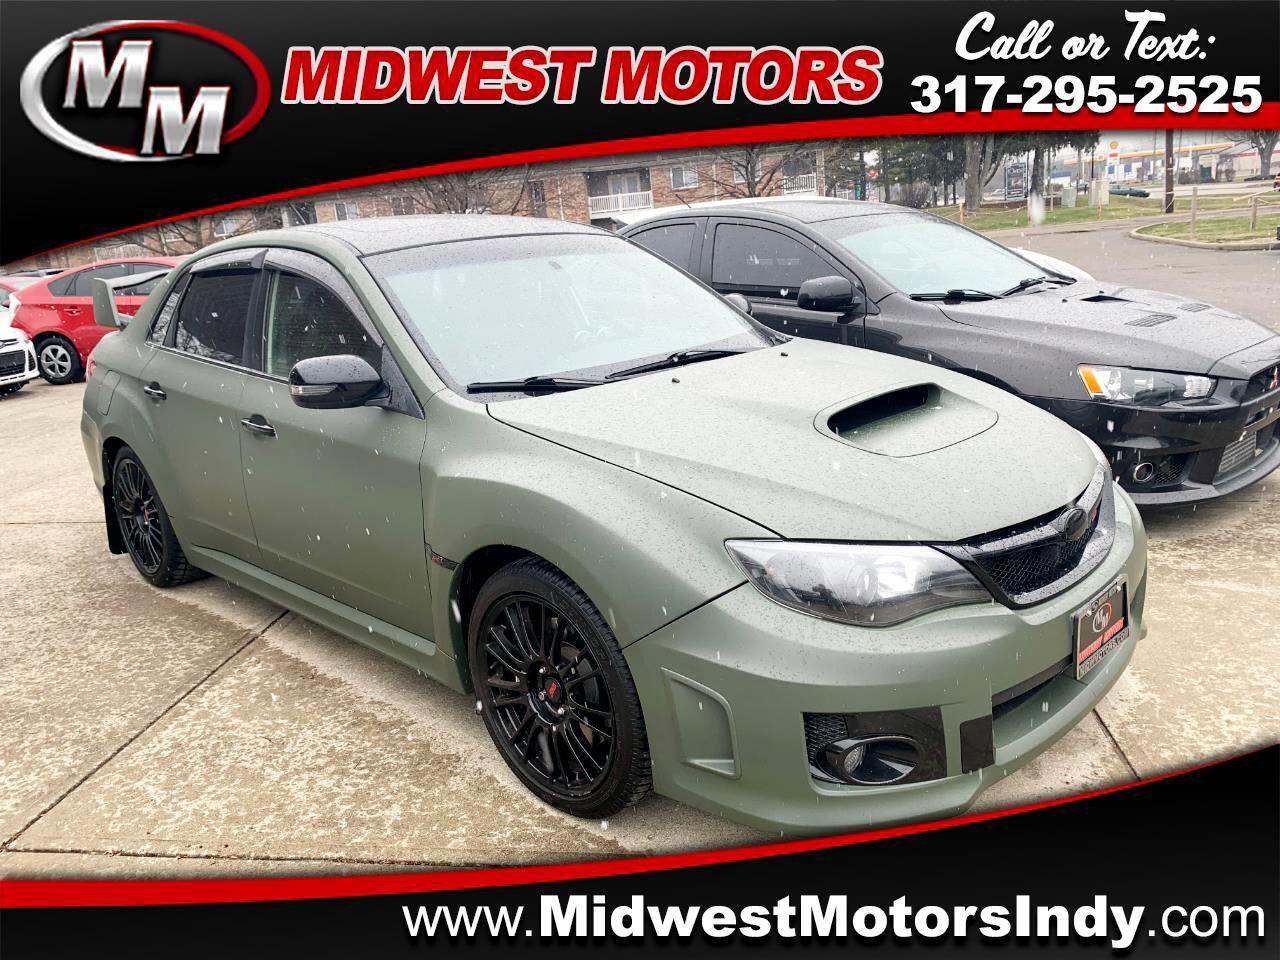 2014 Subaru Impreza WRX STI Sedan image